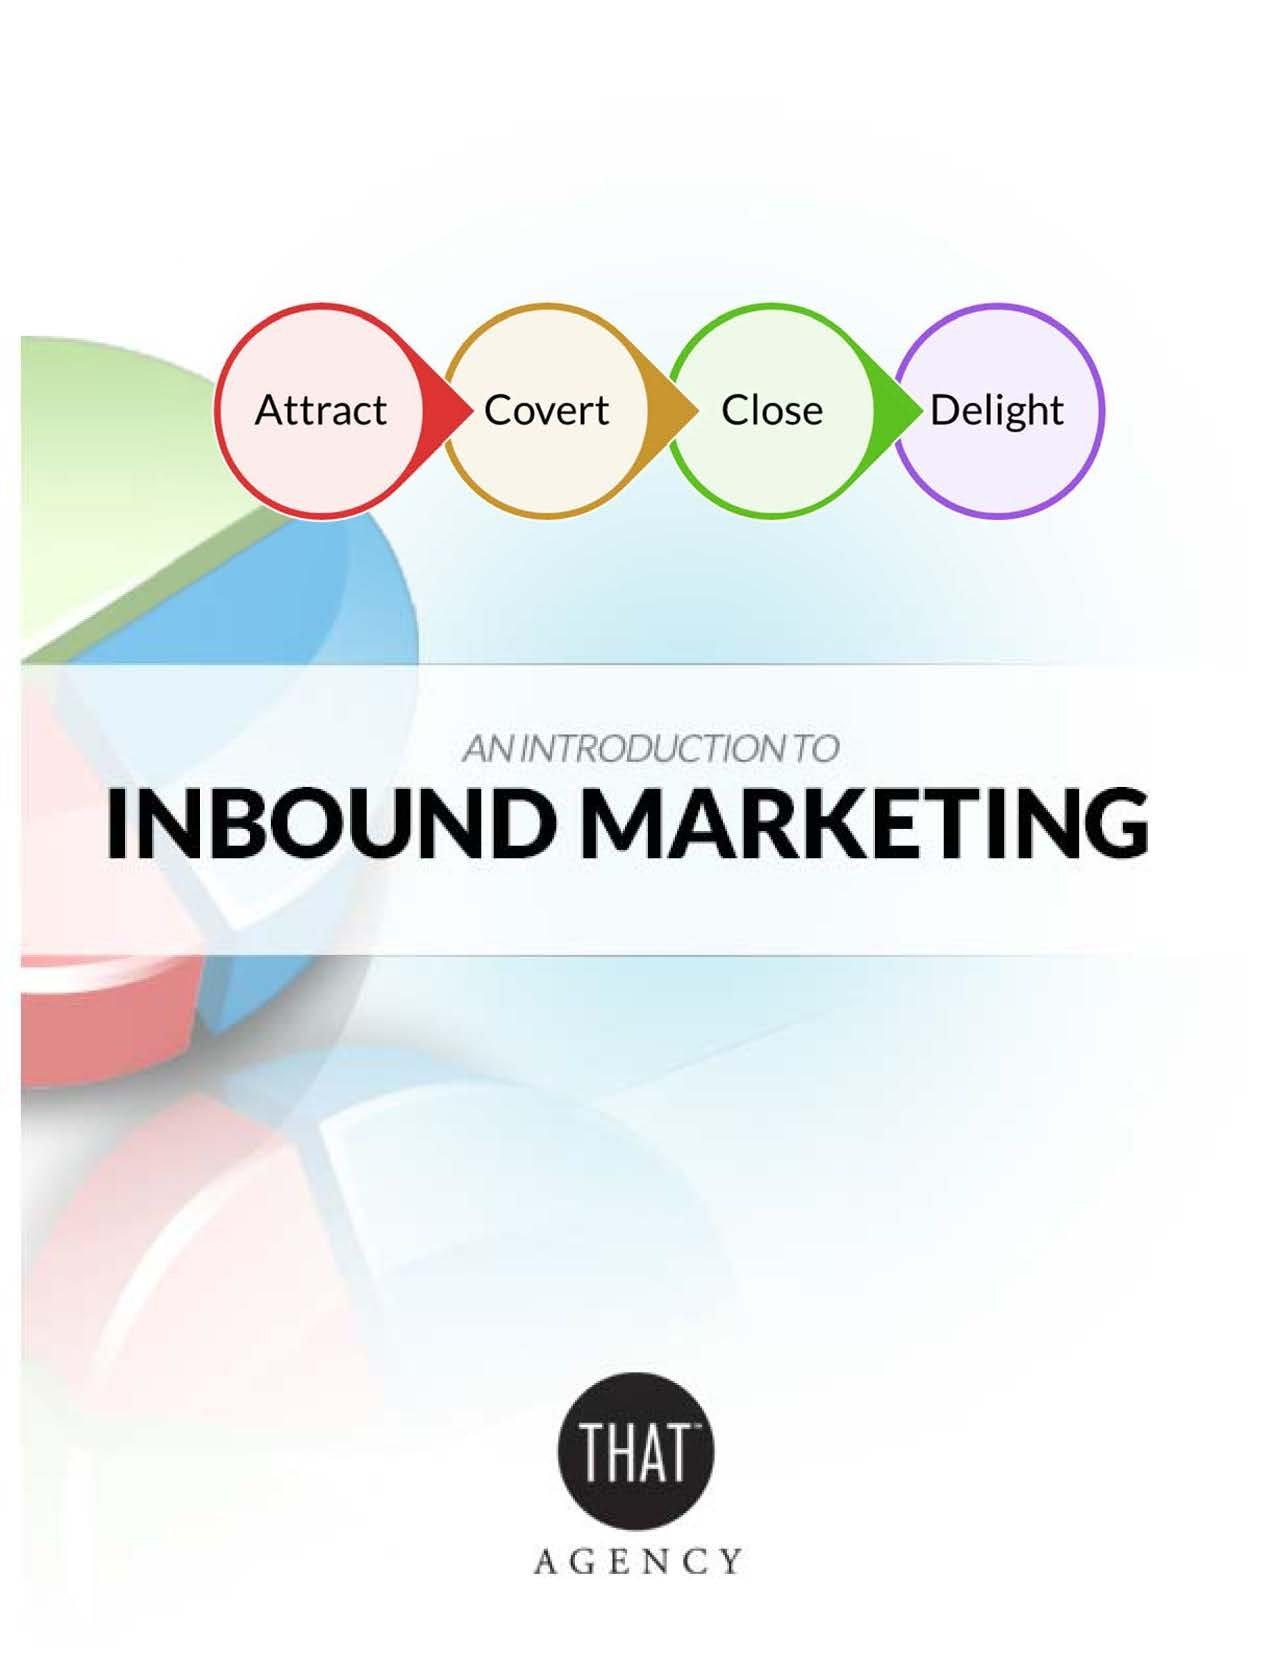 Inbound Marketing Whitepaper | THAT Agency